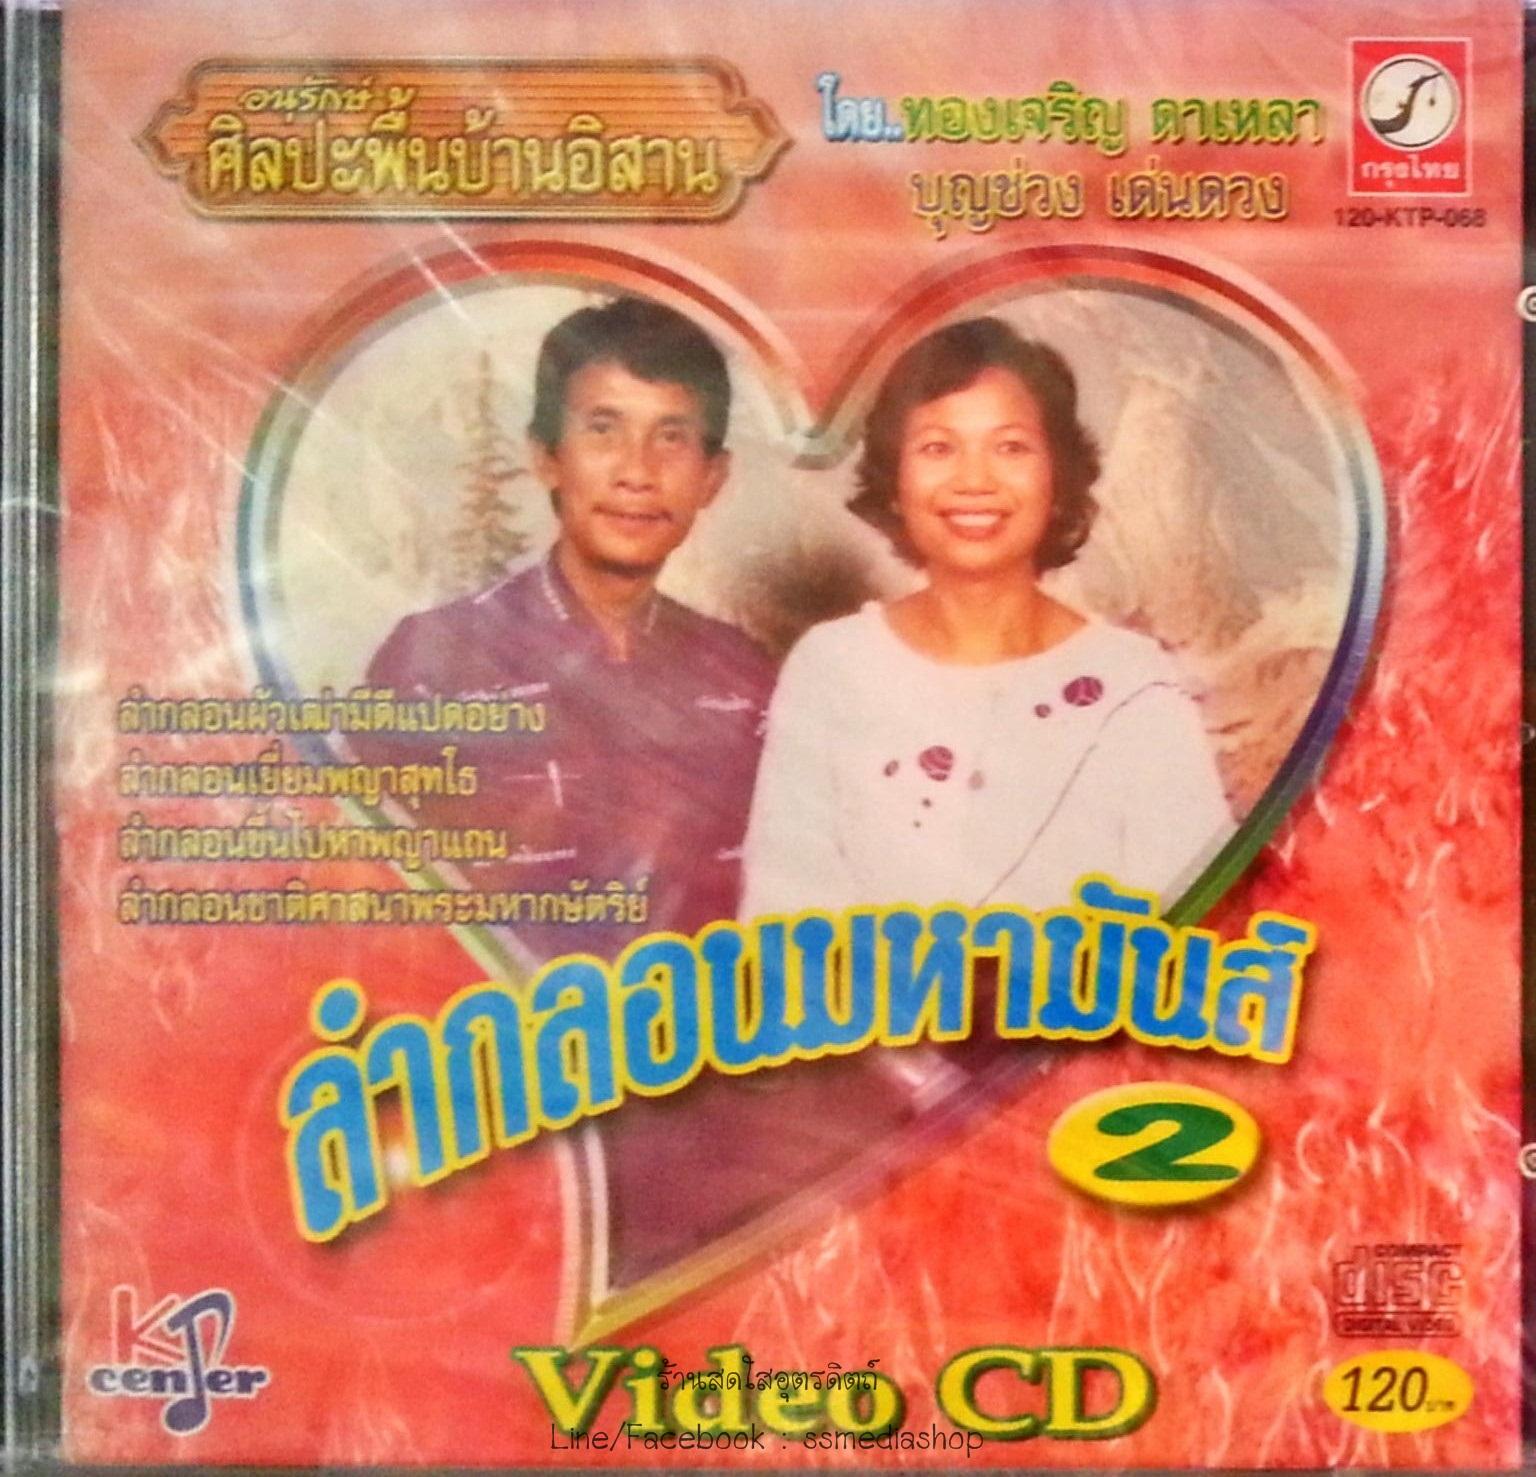 VCD บุญช่วง เด่นดวง+ทองเจริญ ดาเหลา ชุดลำกลอนมหามันส์2